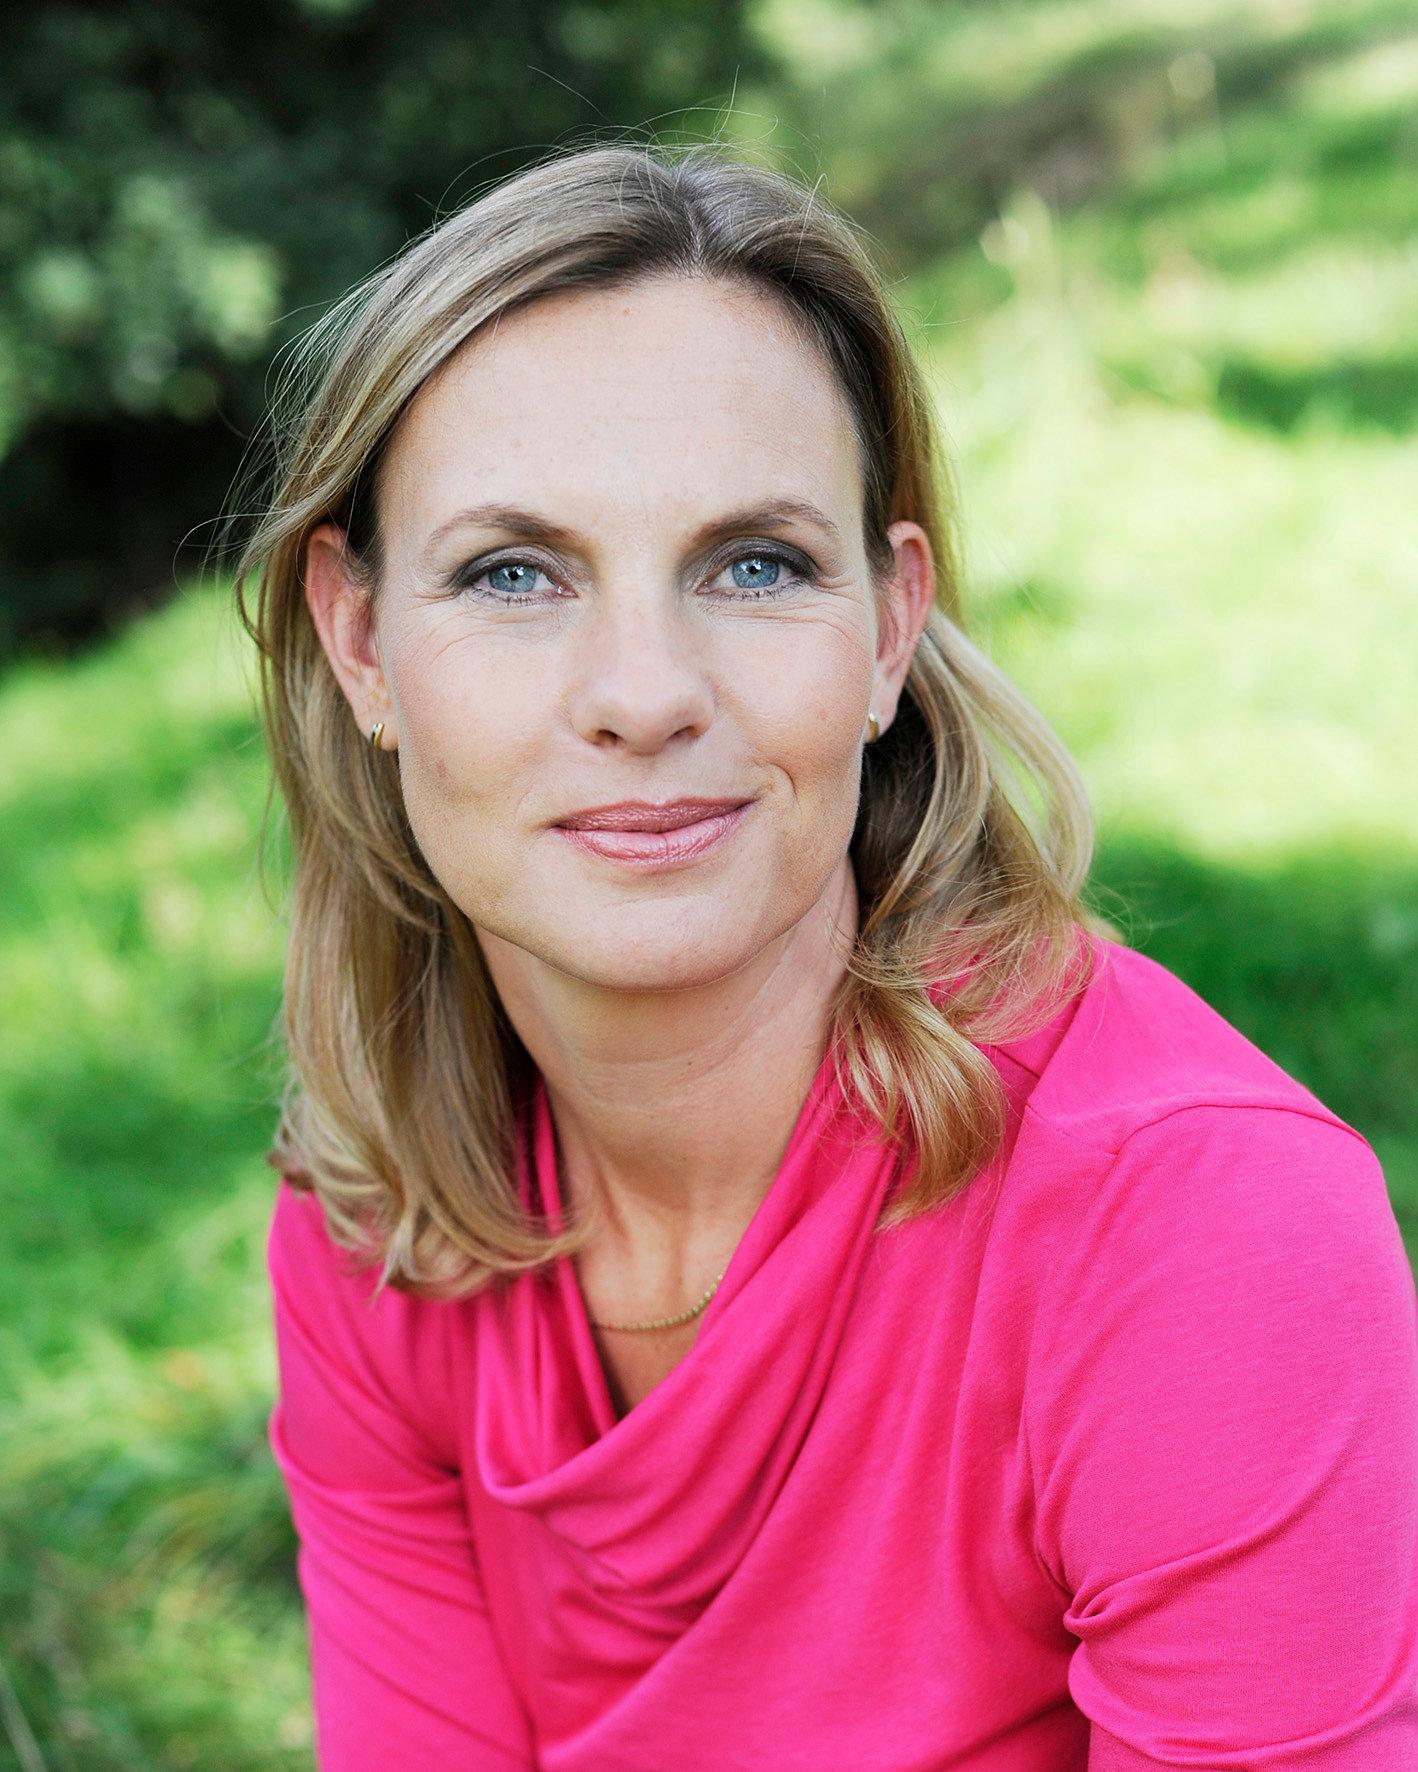 Cindy van der Velde